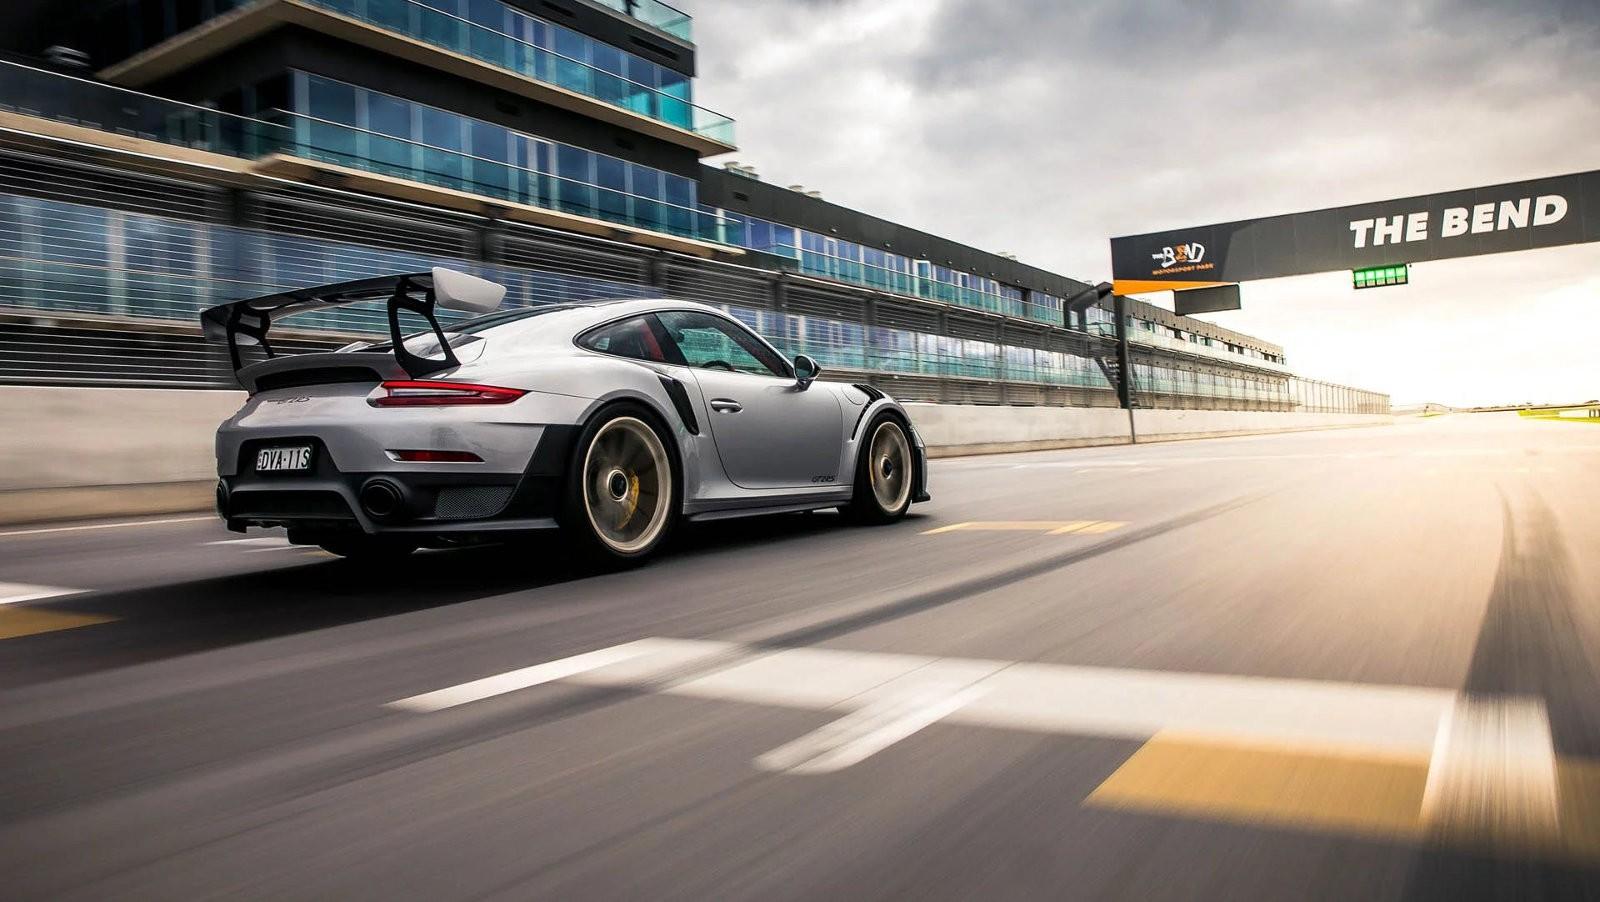 Австралия обзавелась автотреком, где машина Porsche уже установила новый скоростной рекорд